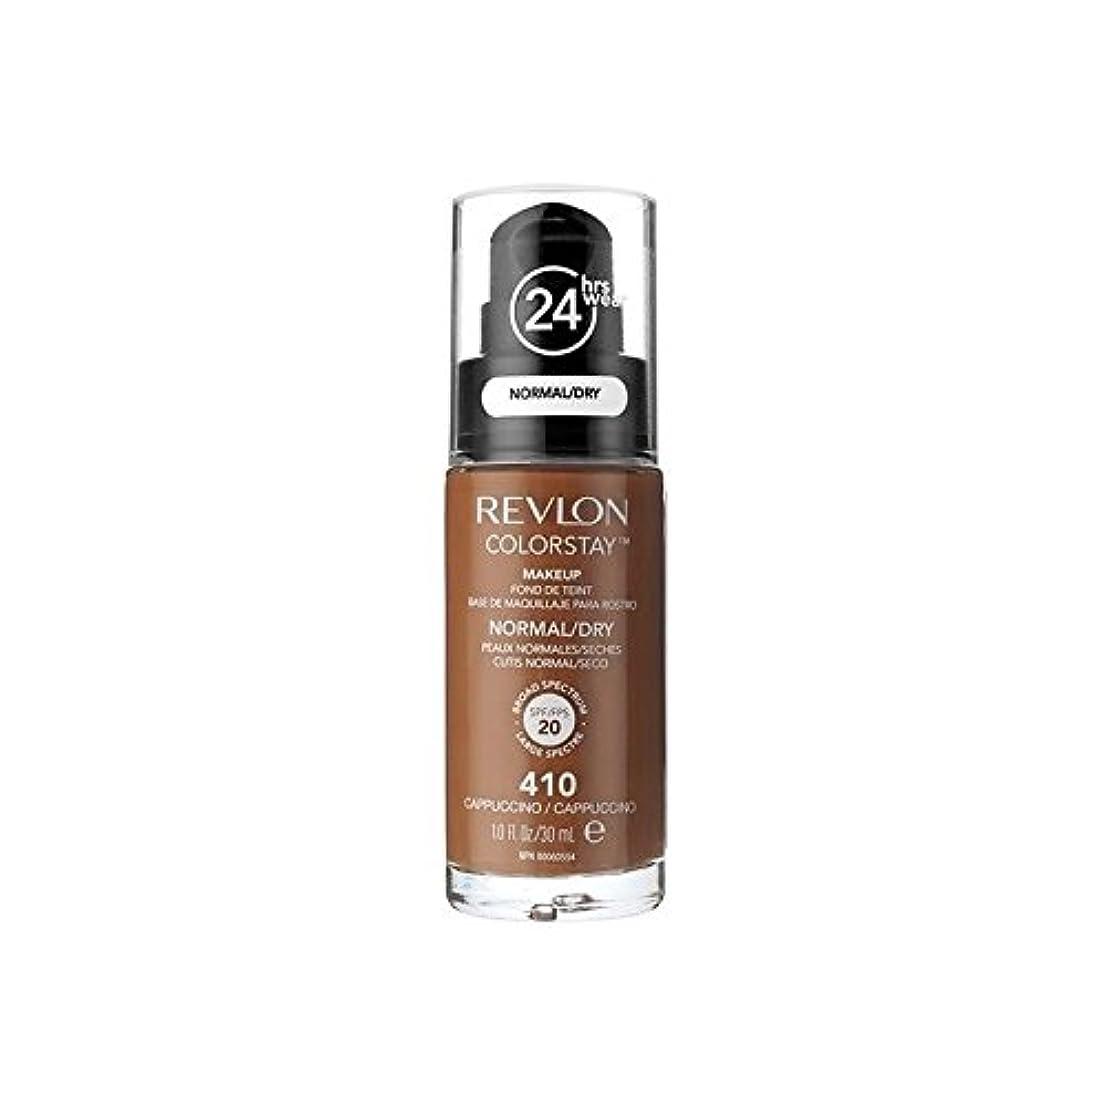 クレア知事チャップレブロンの基礎通常の乾燥肌のカプチーノ x4 - Revlon Colorstay Foundation Normal Dry Skin Cappuccino (Pack of 4) [並行輸入品]